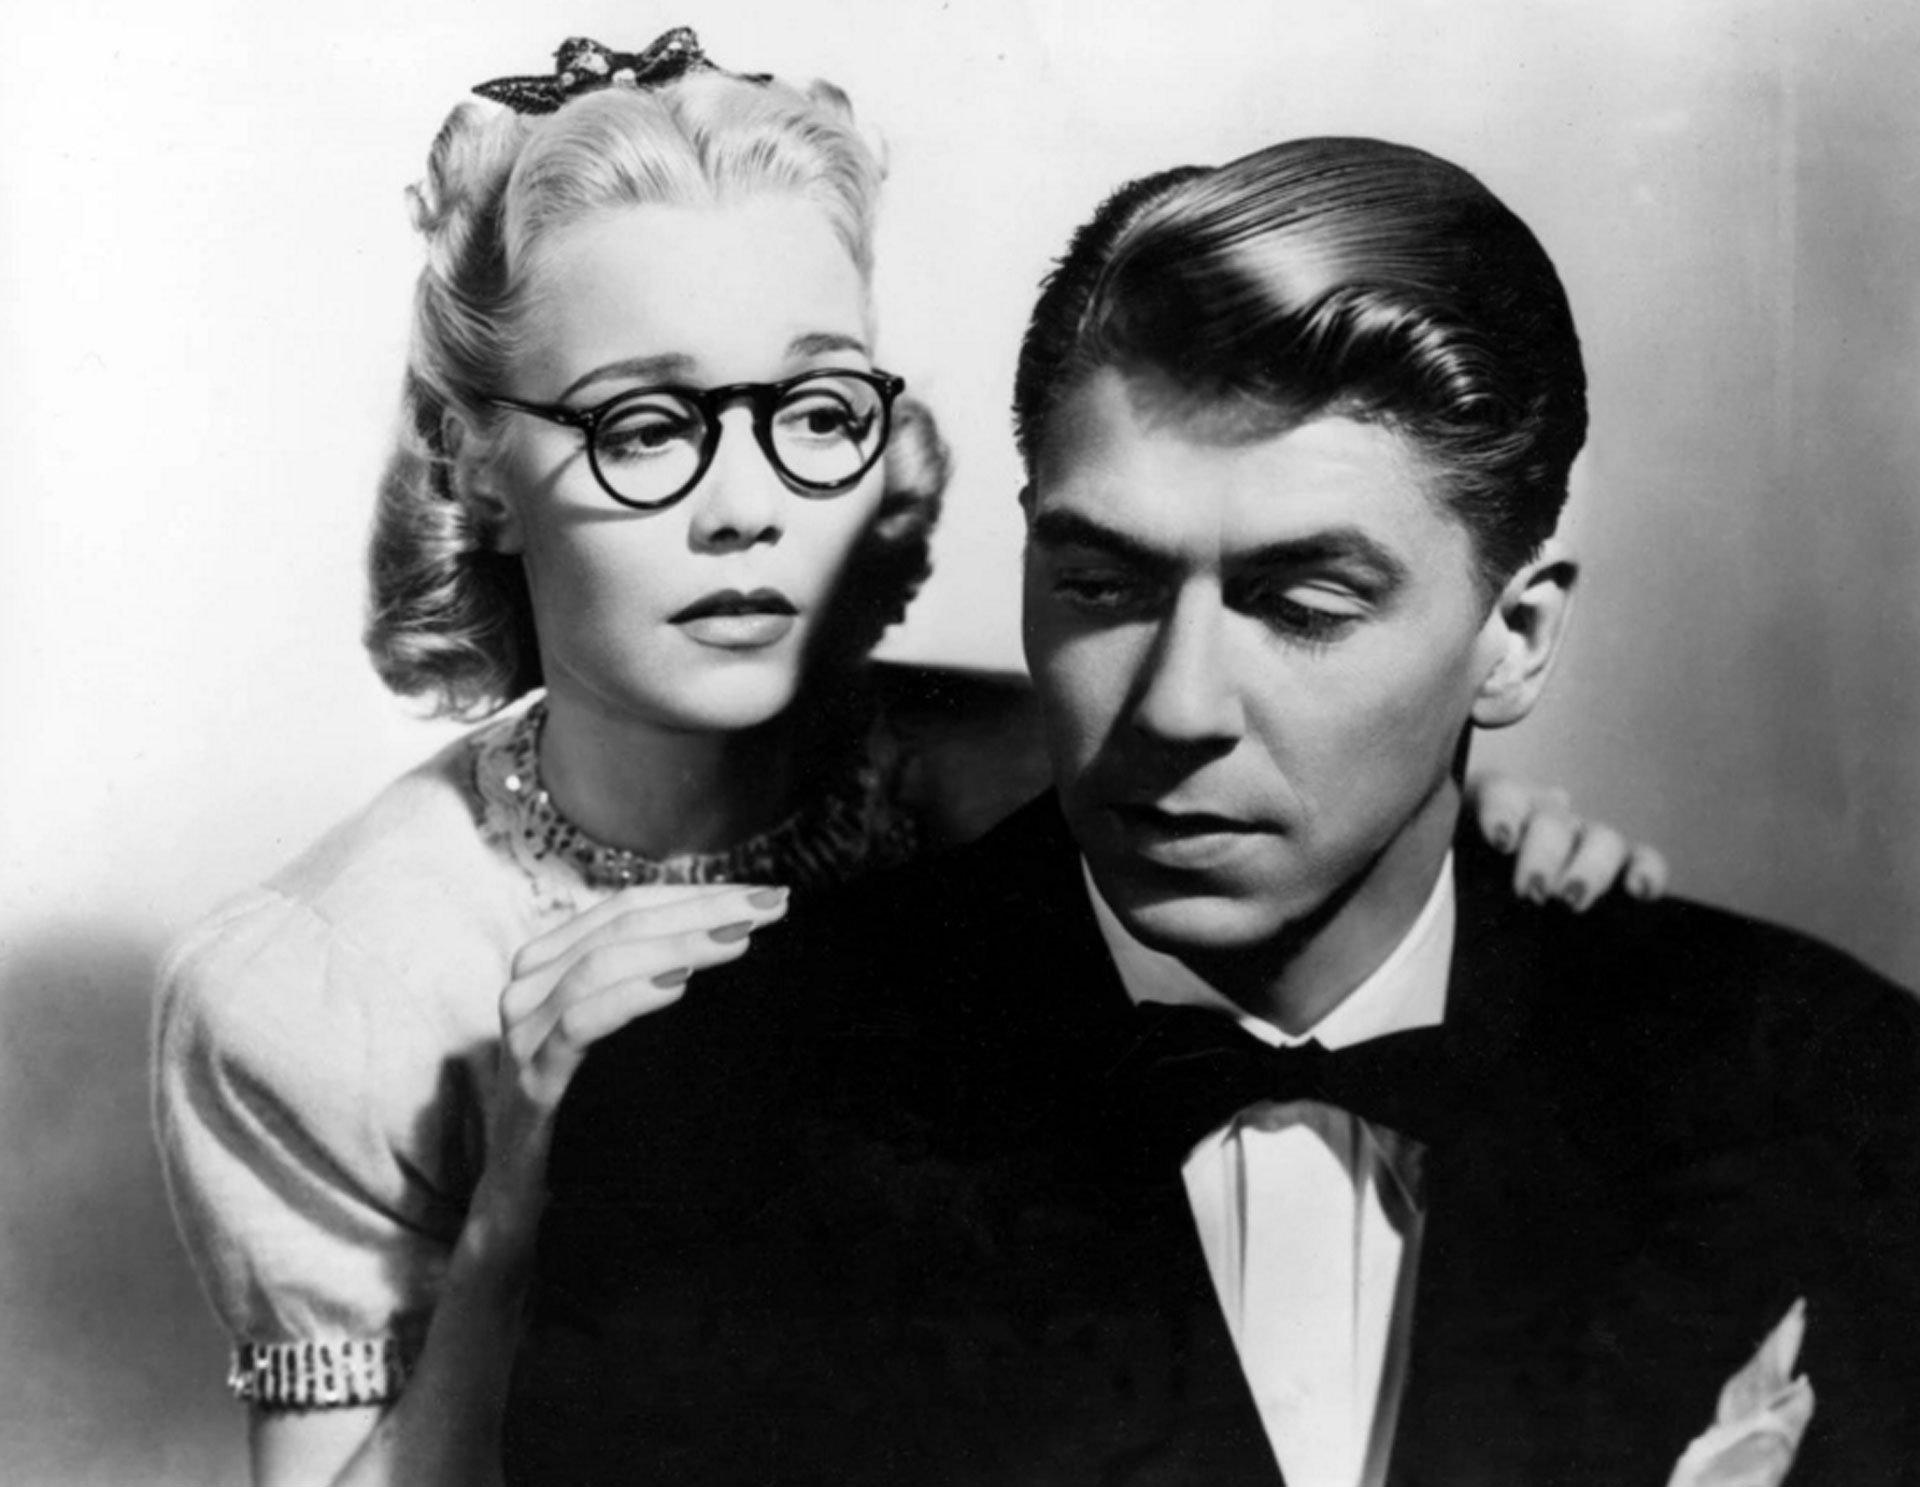 Antes de Ronald y Nancy existieron Ronald y Jane. Reagan se casó con su primera esposa, Jane Wyman, en 1940. La actriz tenía una exitosa carrera, con un Oscar ganado por su rol como sordomuda en Johnny Belinda. Se separaron en 1949. Reagan fue el primer presidente divorciado de la historia de los EEUU